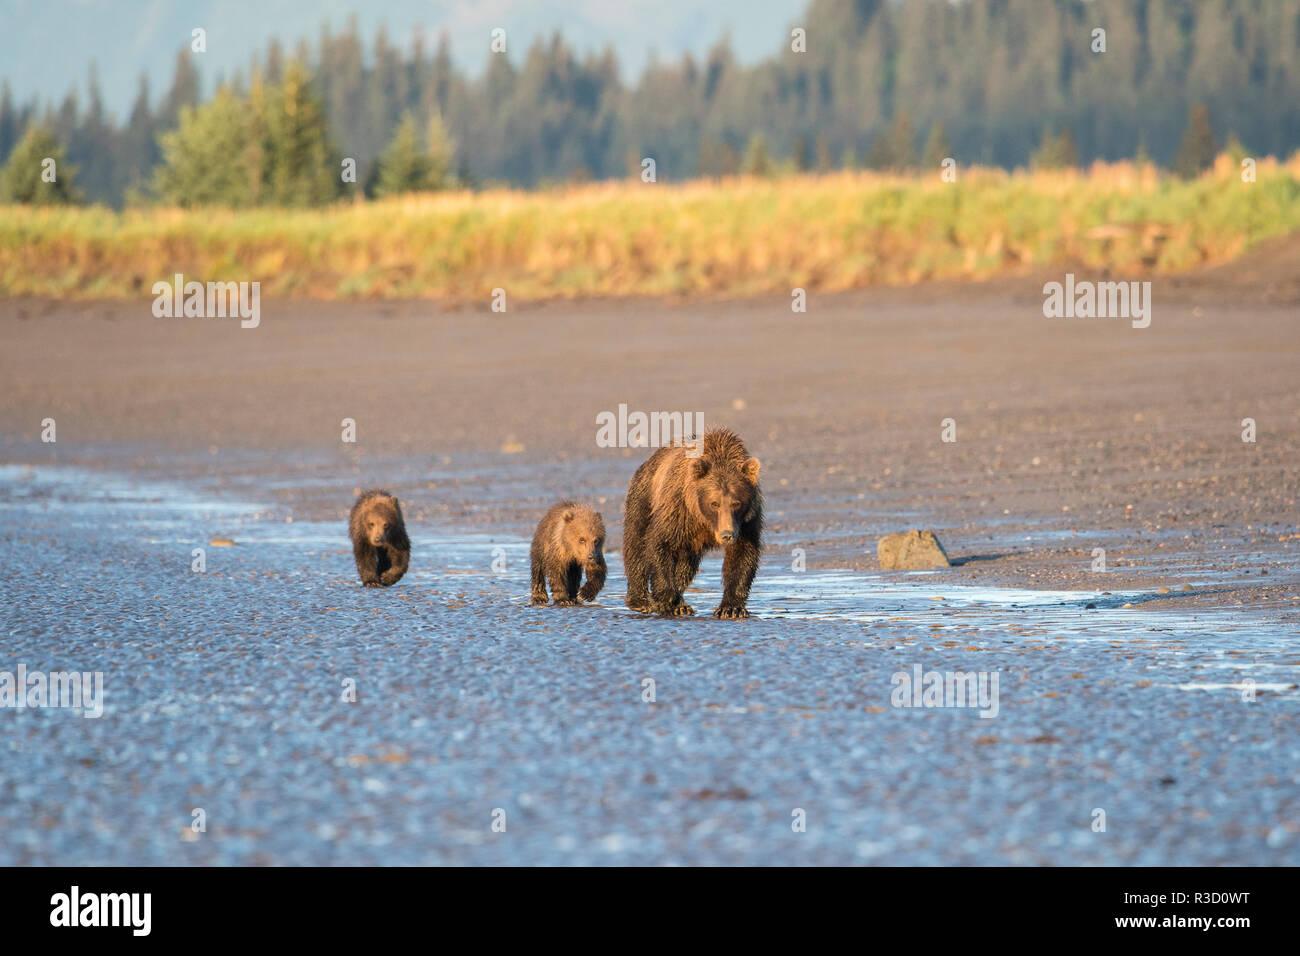 Una madre oso pardo (Ursus arctos) camina con sus dos cachorros de marea a lo largo de la orilla del mar en el Parque Nacional Lake Clark, Alaska. Foto de stock